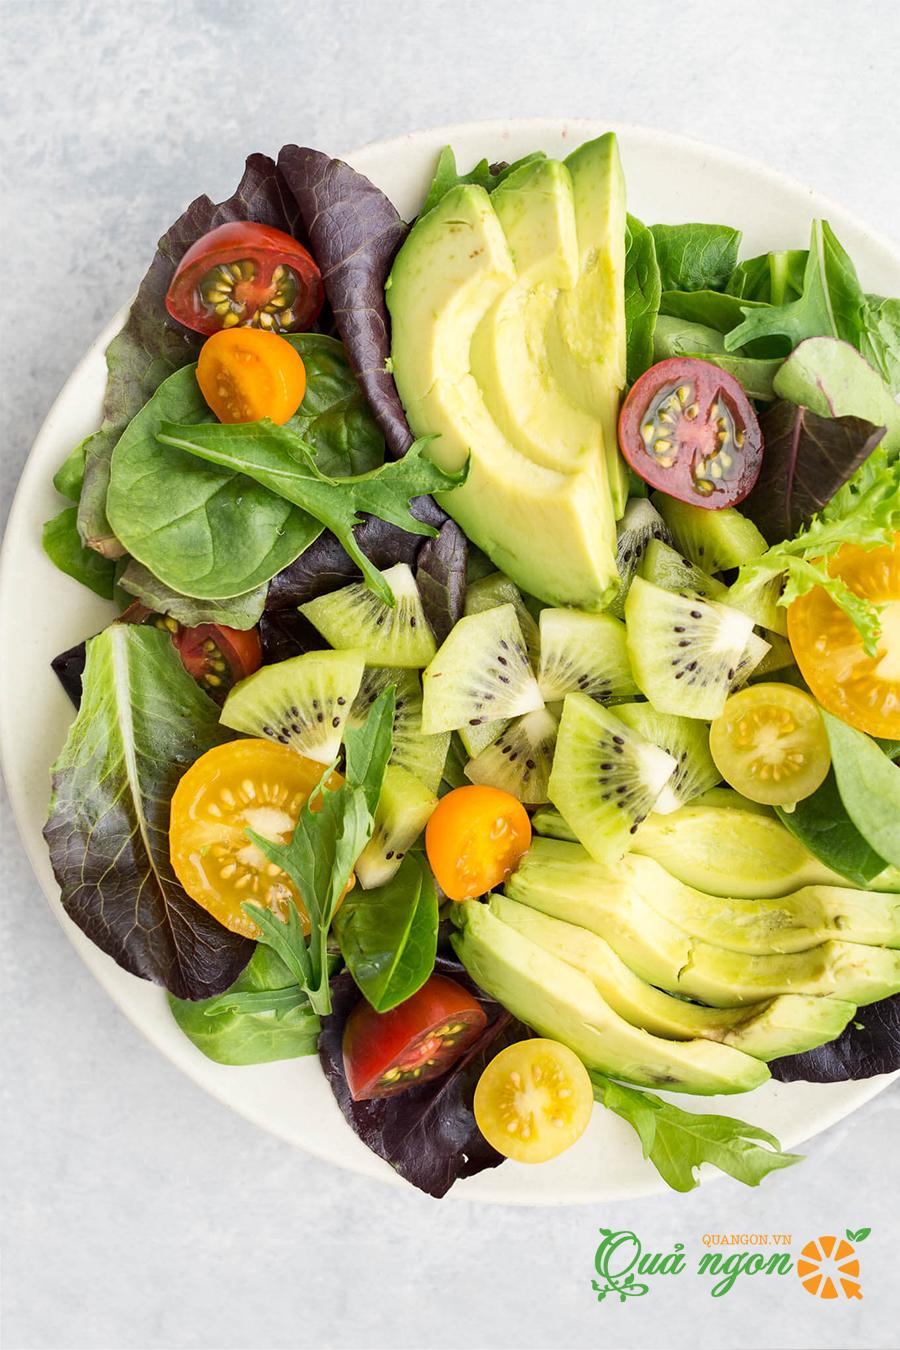 Cách làm salad kiwi bơ trộn với cà chua và nước sốt kiwi